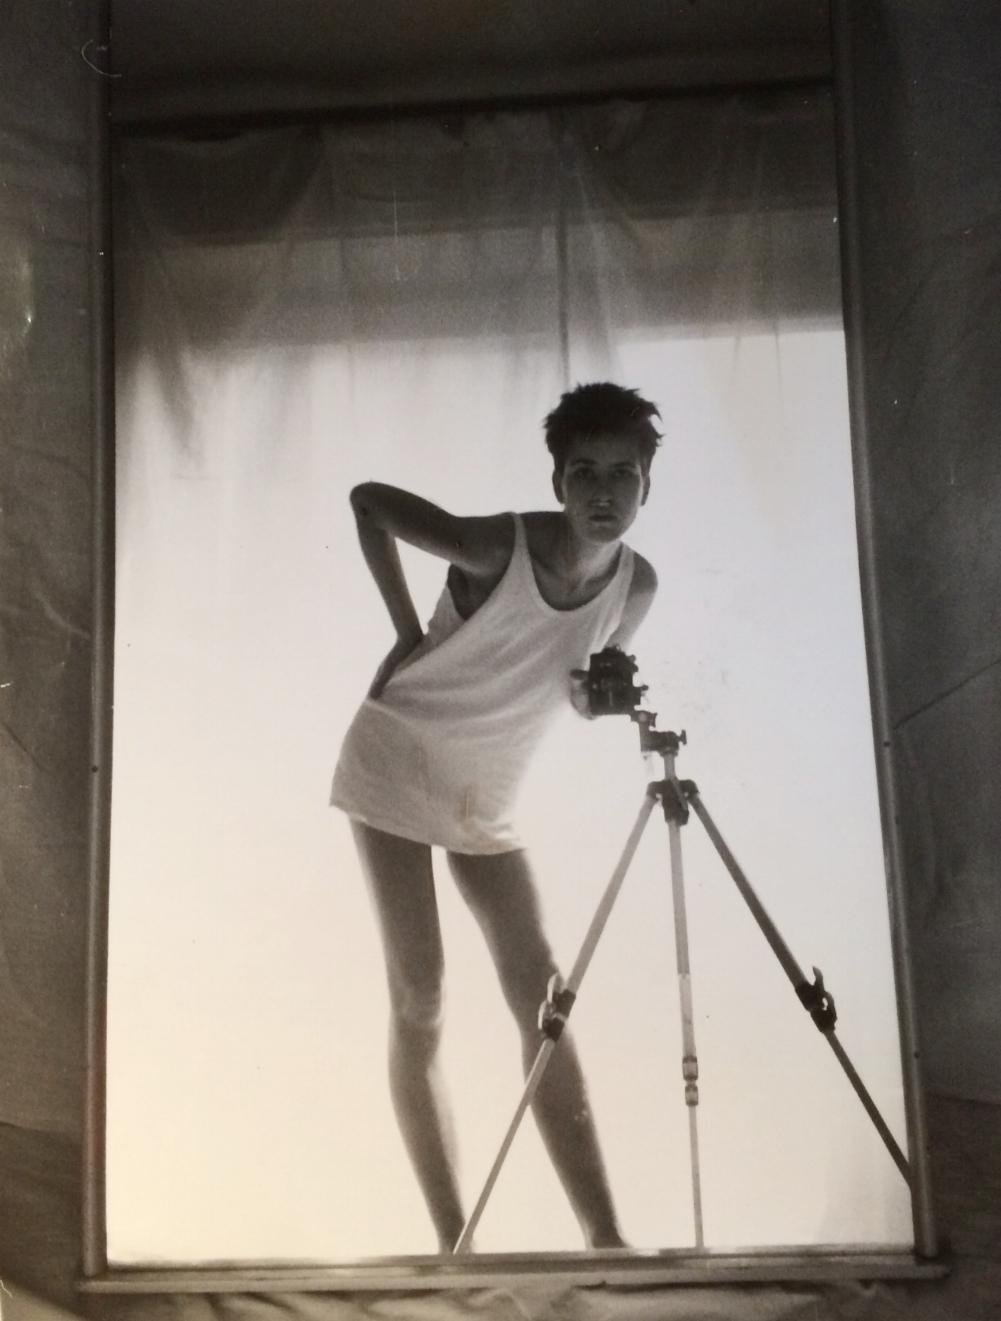 Self-portrait circa 1985